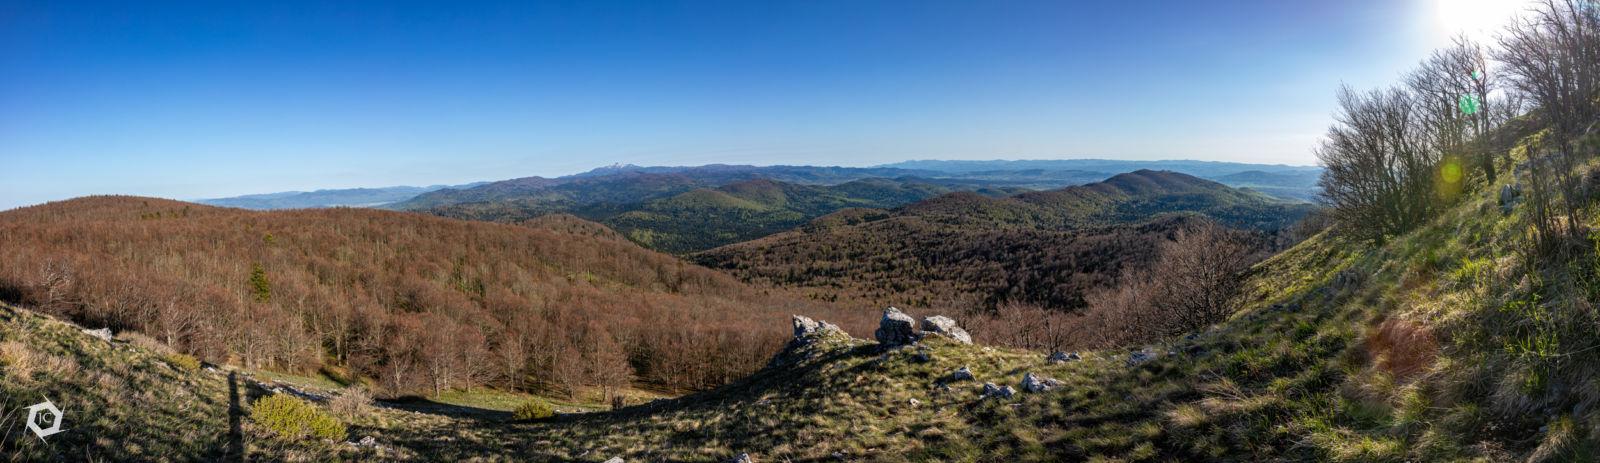 Panorama - razgled iz Velikega Kožljeka